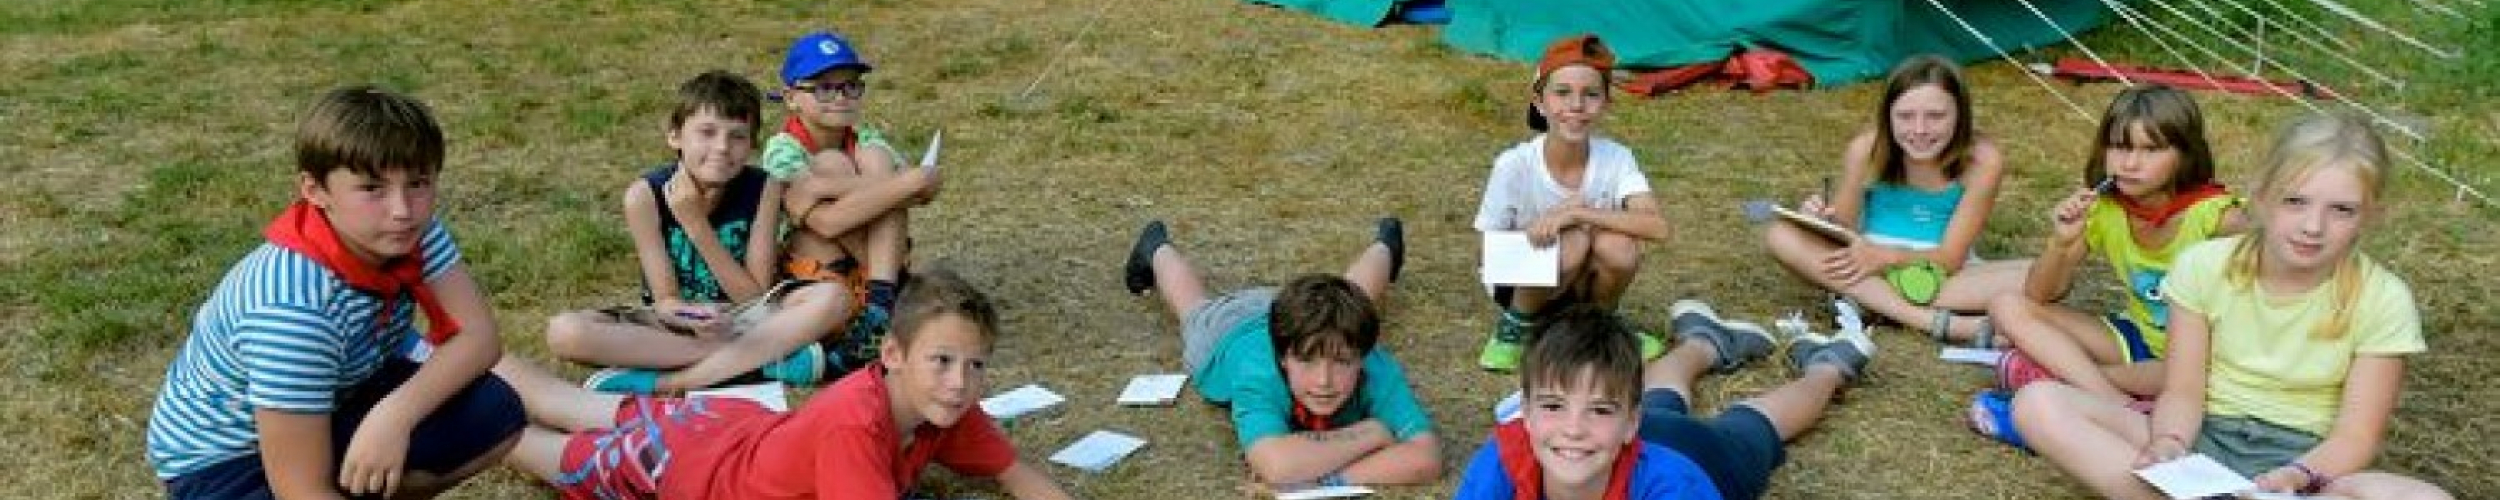 Uw kind op jeugdkamp (Florian Van Eenoo photonews)